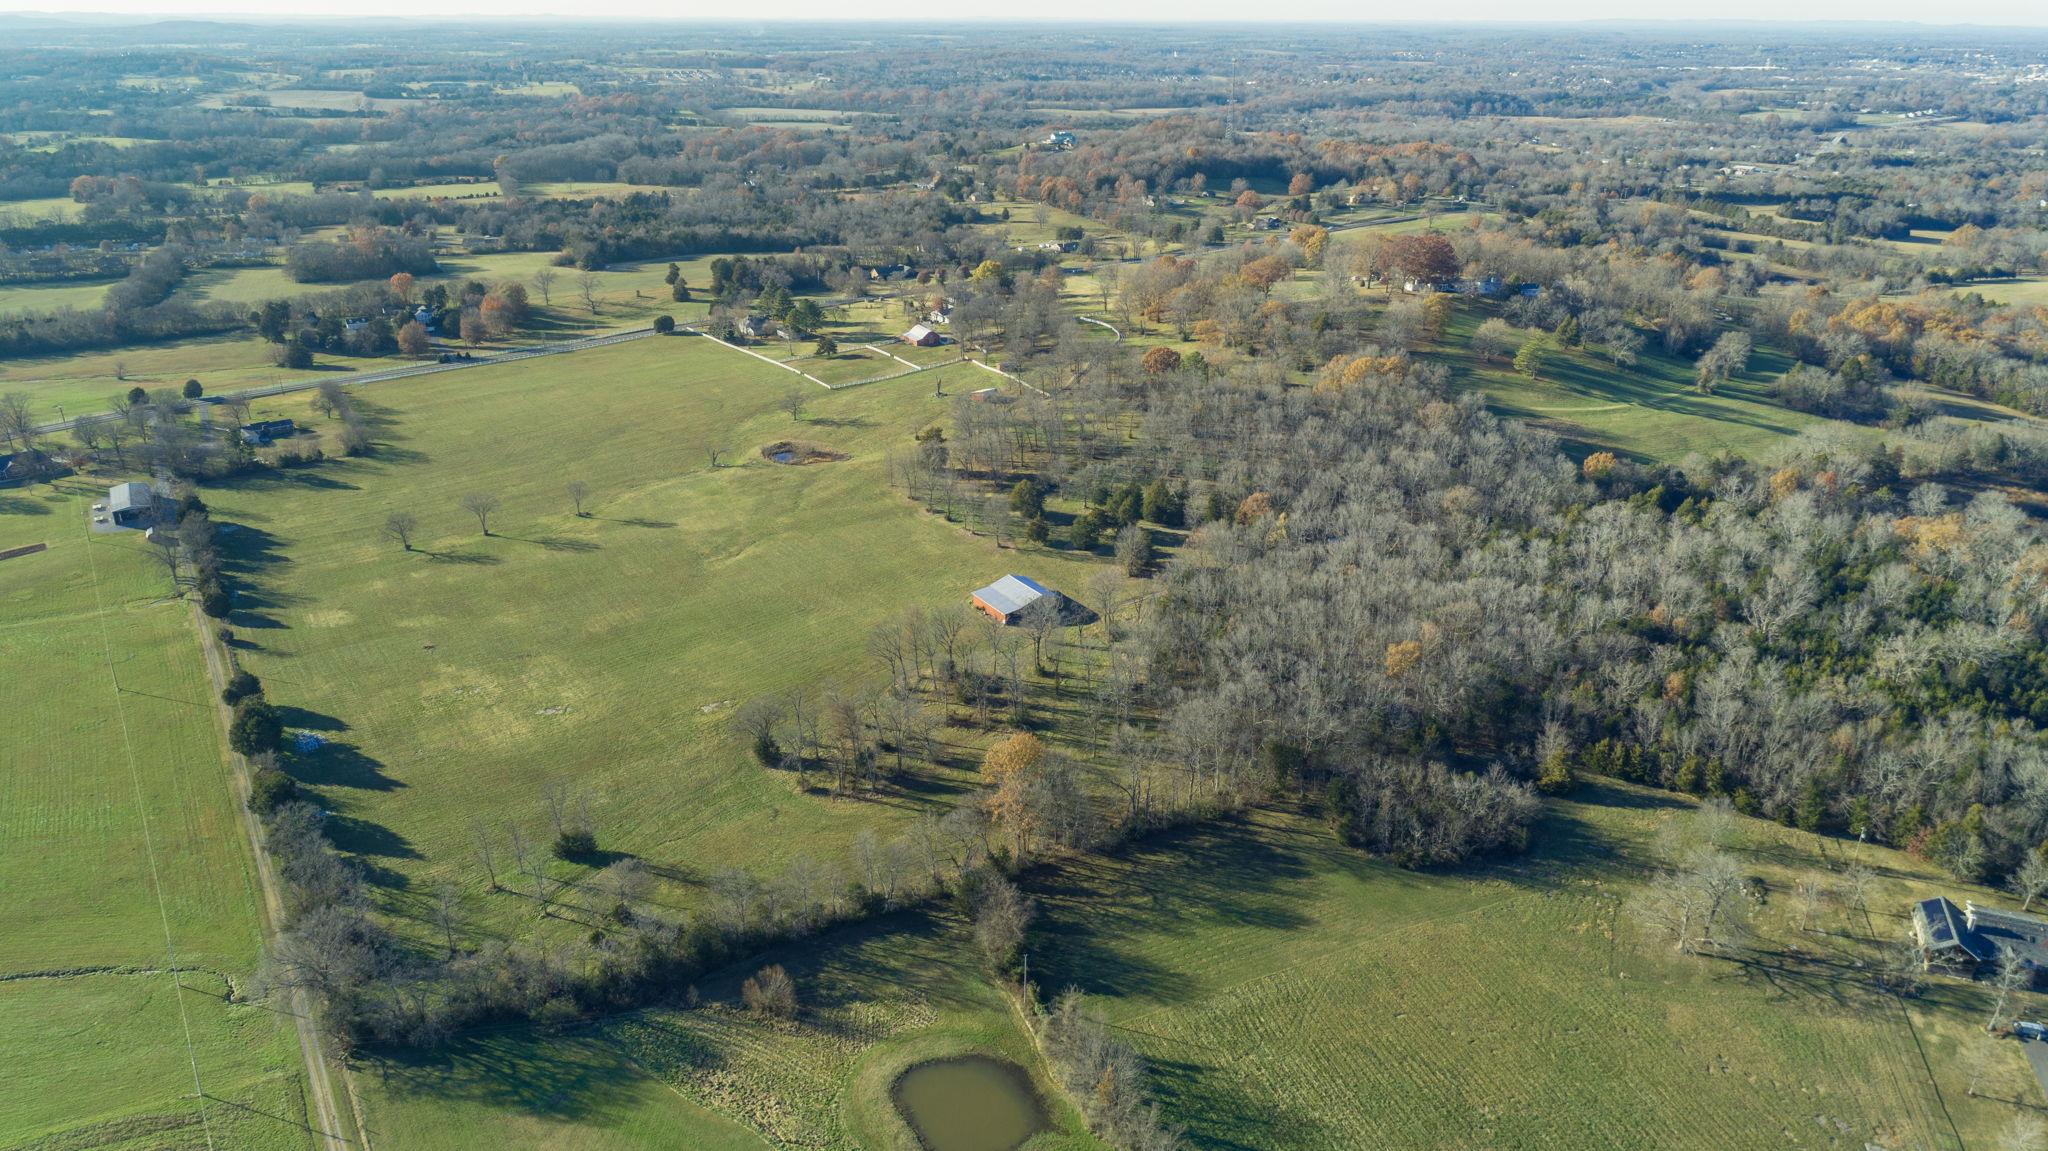 1411 TN-82 S, Shelbyville, TN 37160, US Photo 114